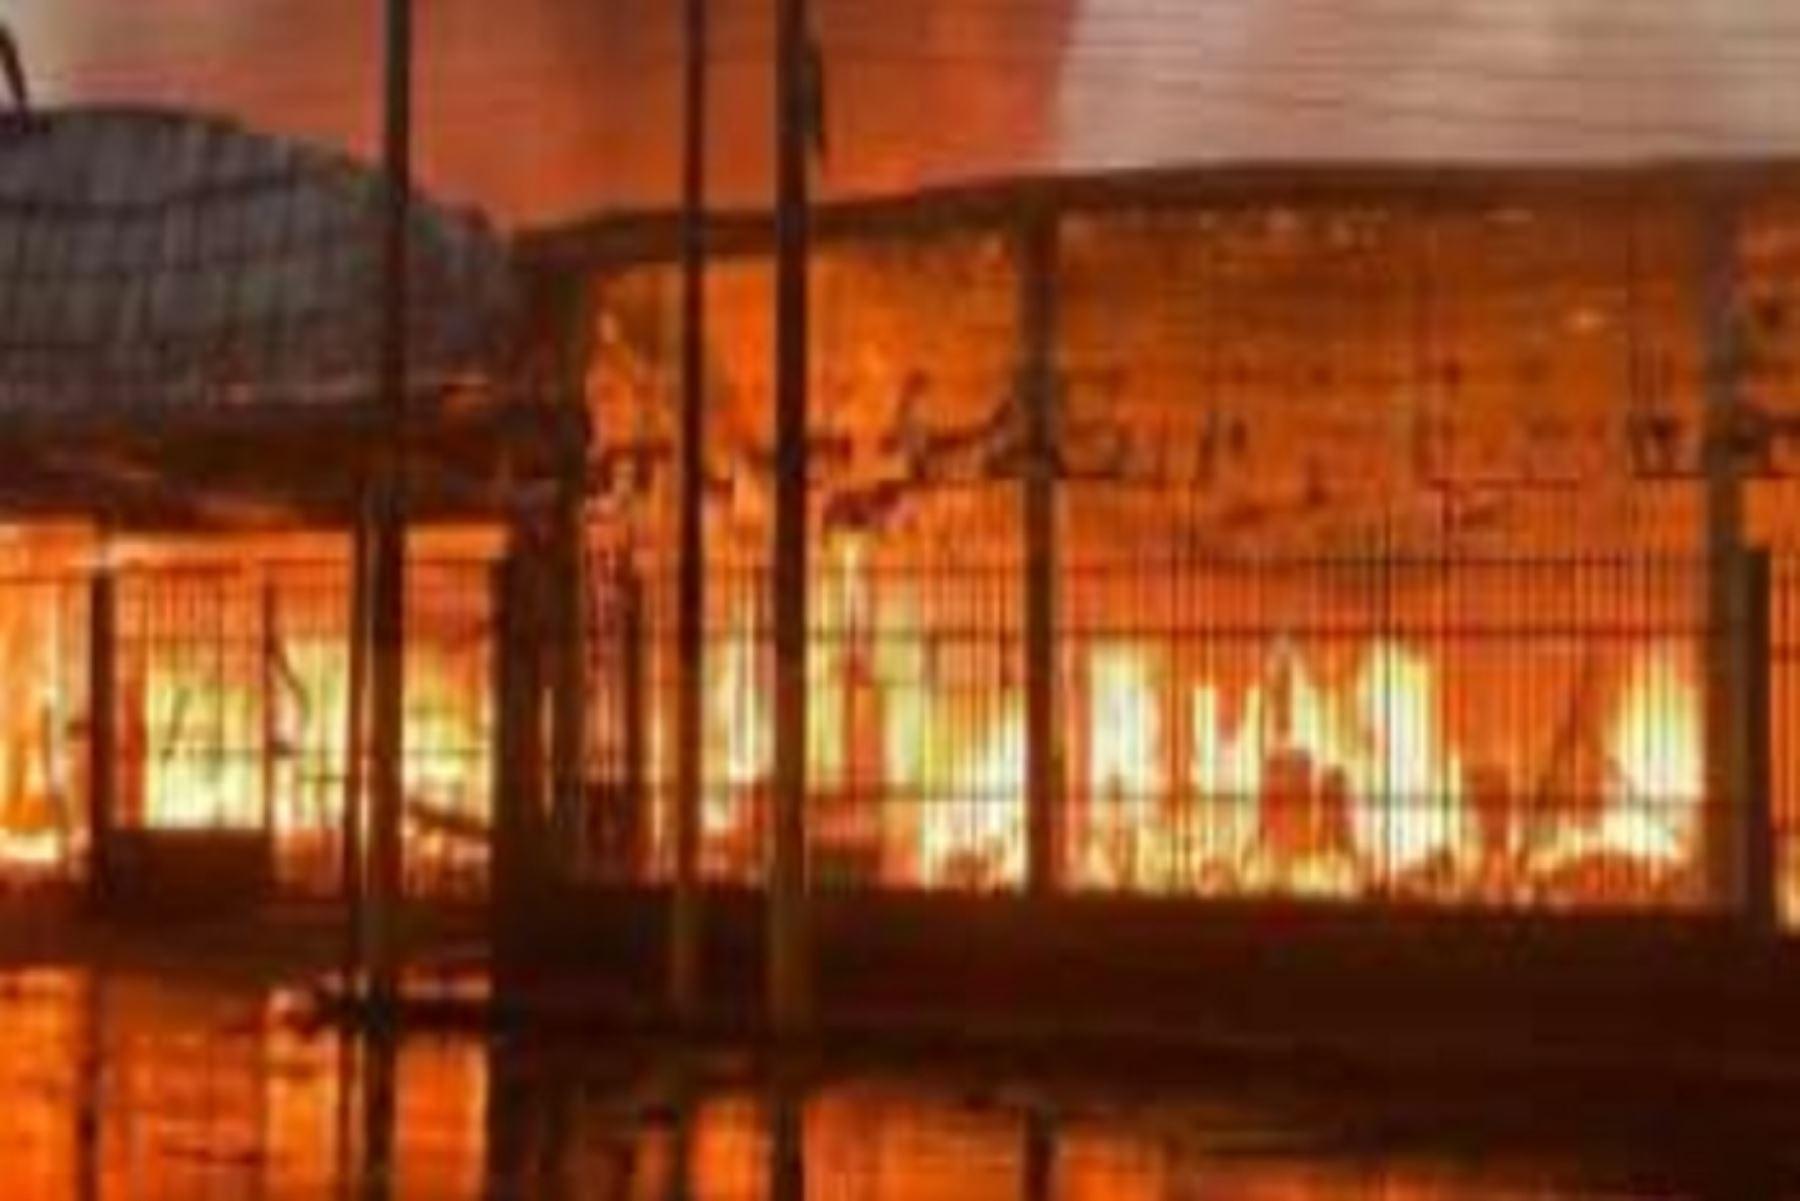 Incendio en centro comercial de Iquitos dejó 3 heridos y dañó un templo